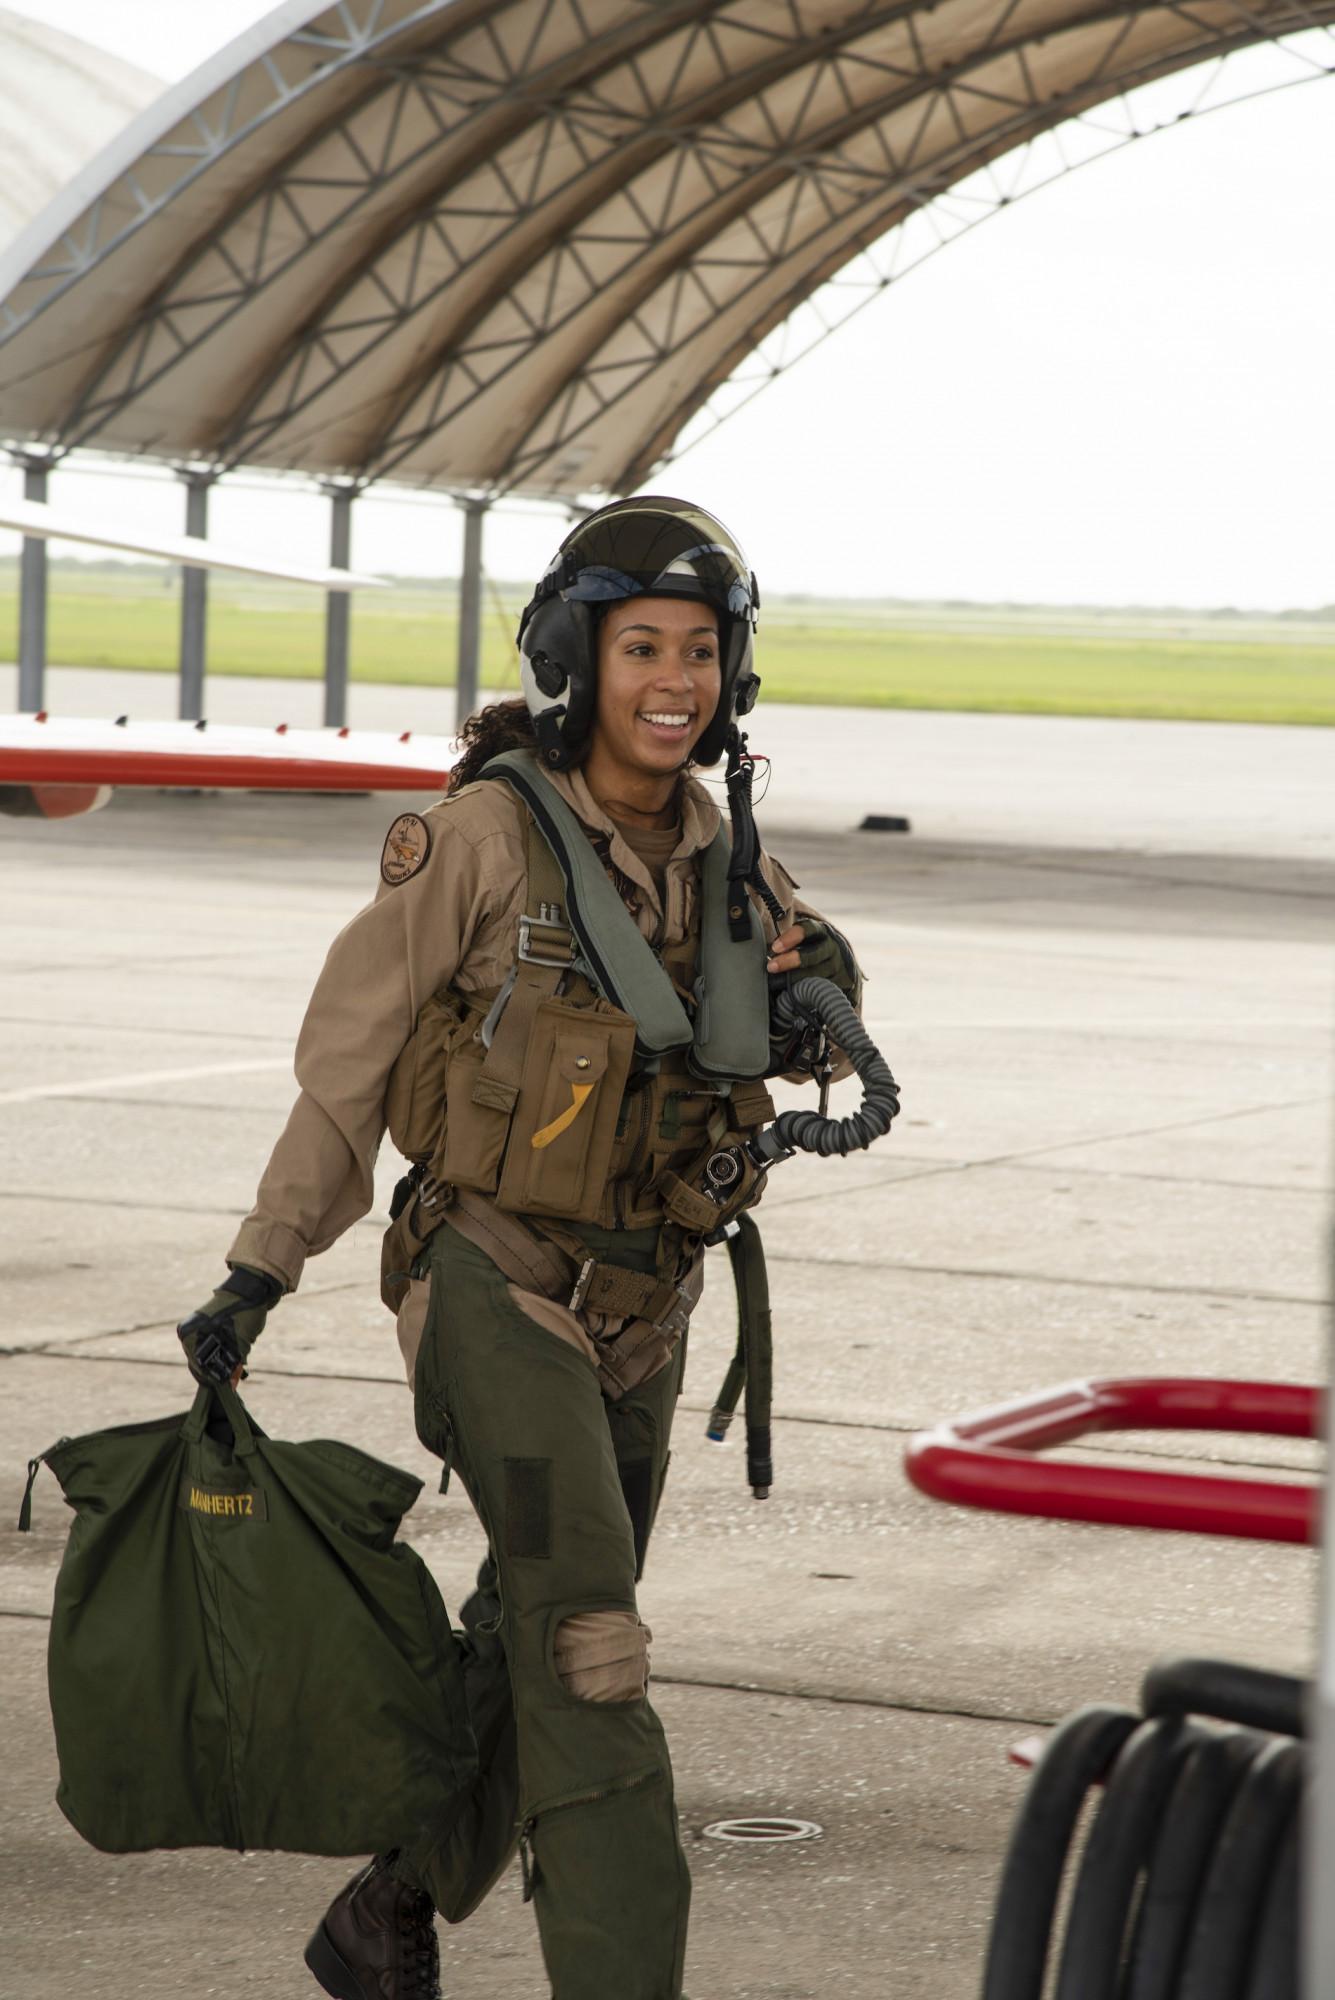 Estudante de aviação naval Lt. j.g. Madeline Swegle, designada para o Esquadrão de Treinamento 21 da Redhawks na Estação Aérea Naval de Kingsville, Texas, sai de uma aeronave de treinamento Goshawk T-45C (Anne Owens / Marinha dos Estados Unidos)